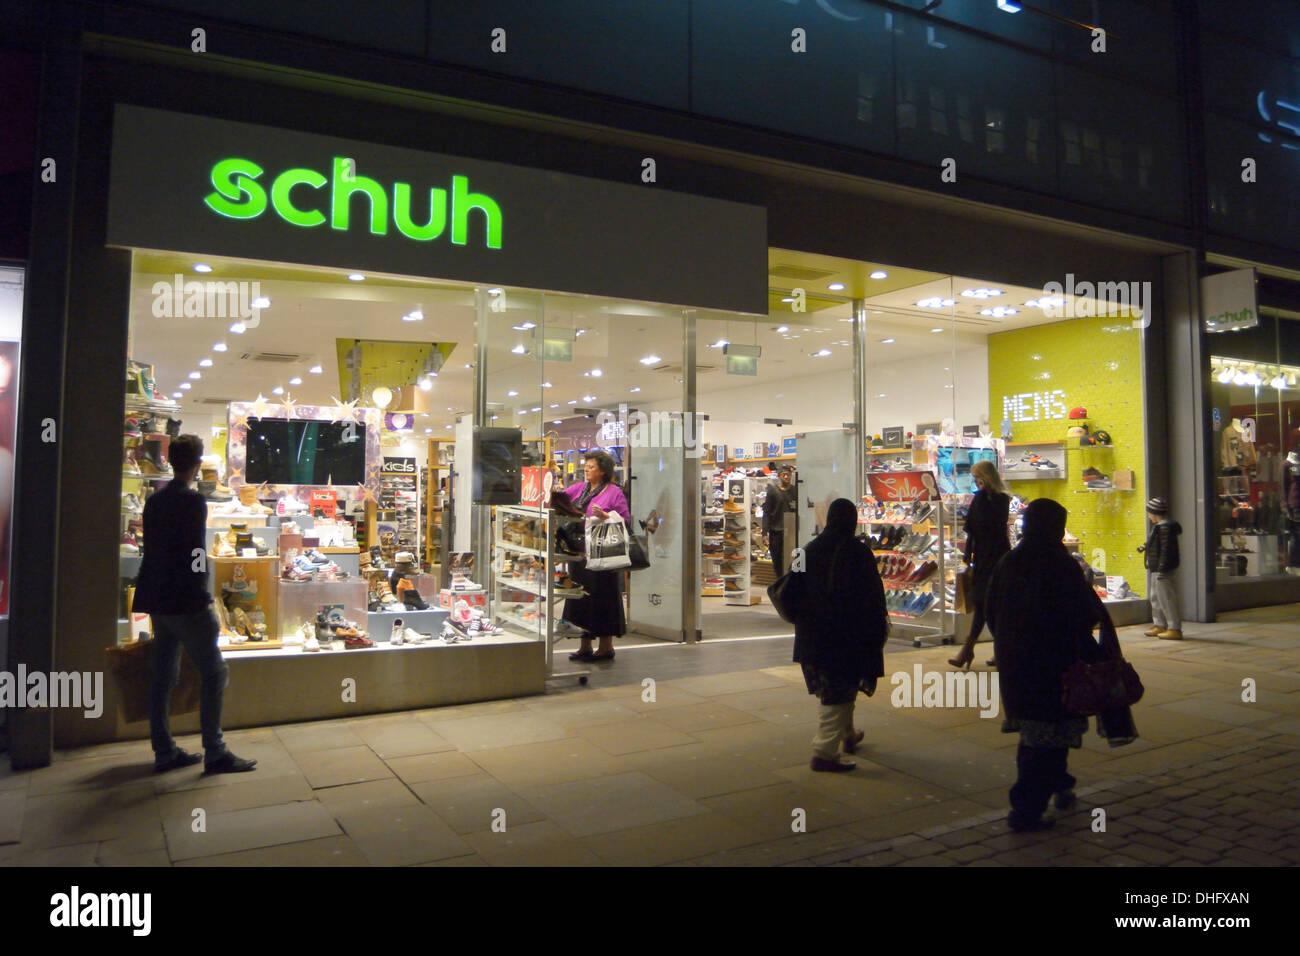 c4804256705a68 Schuh negozio di calzature in Market Street nel centro commerciale Arndale